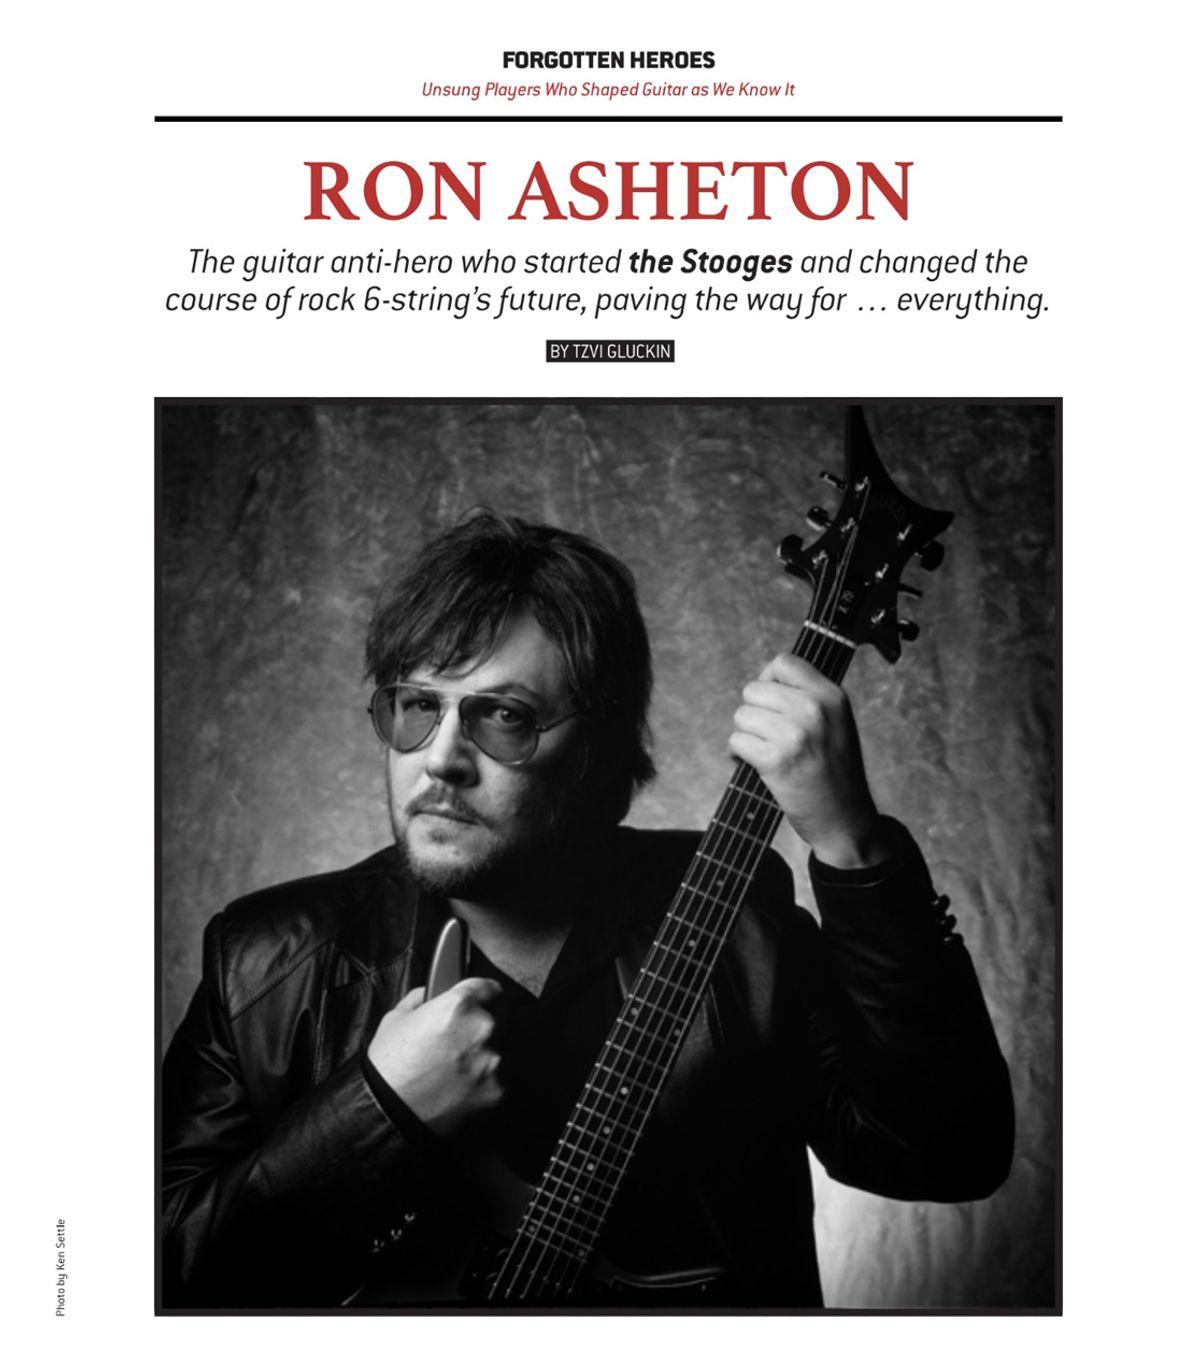 Forgotten Heroes: Ron Asheton